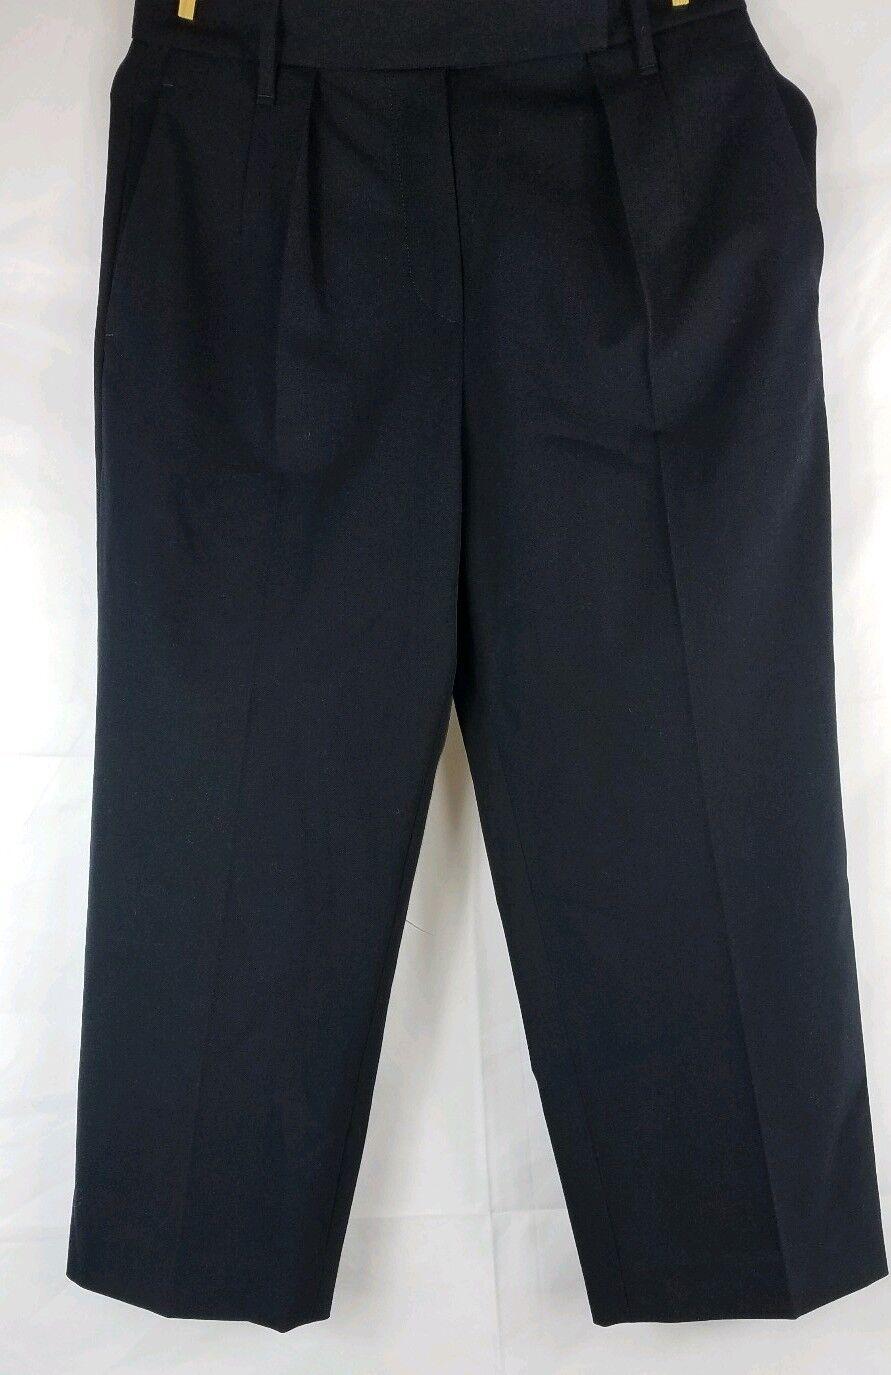 BRUNELLO CUCINELLI Women's Navy bluee Wool Dress Pants Size 40 4  1015